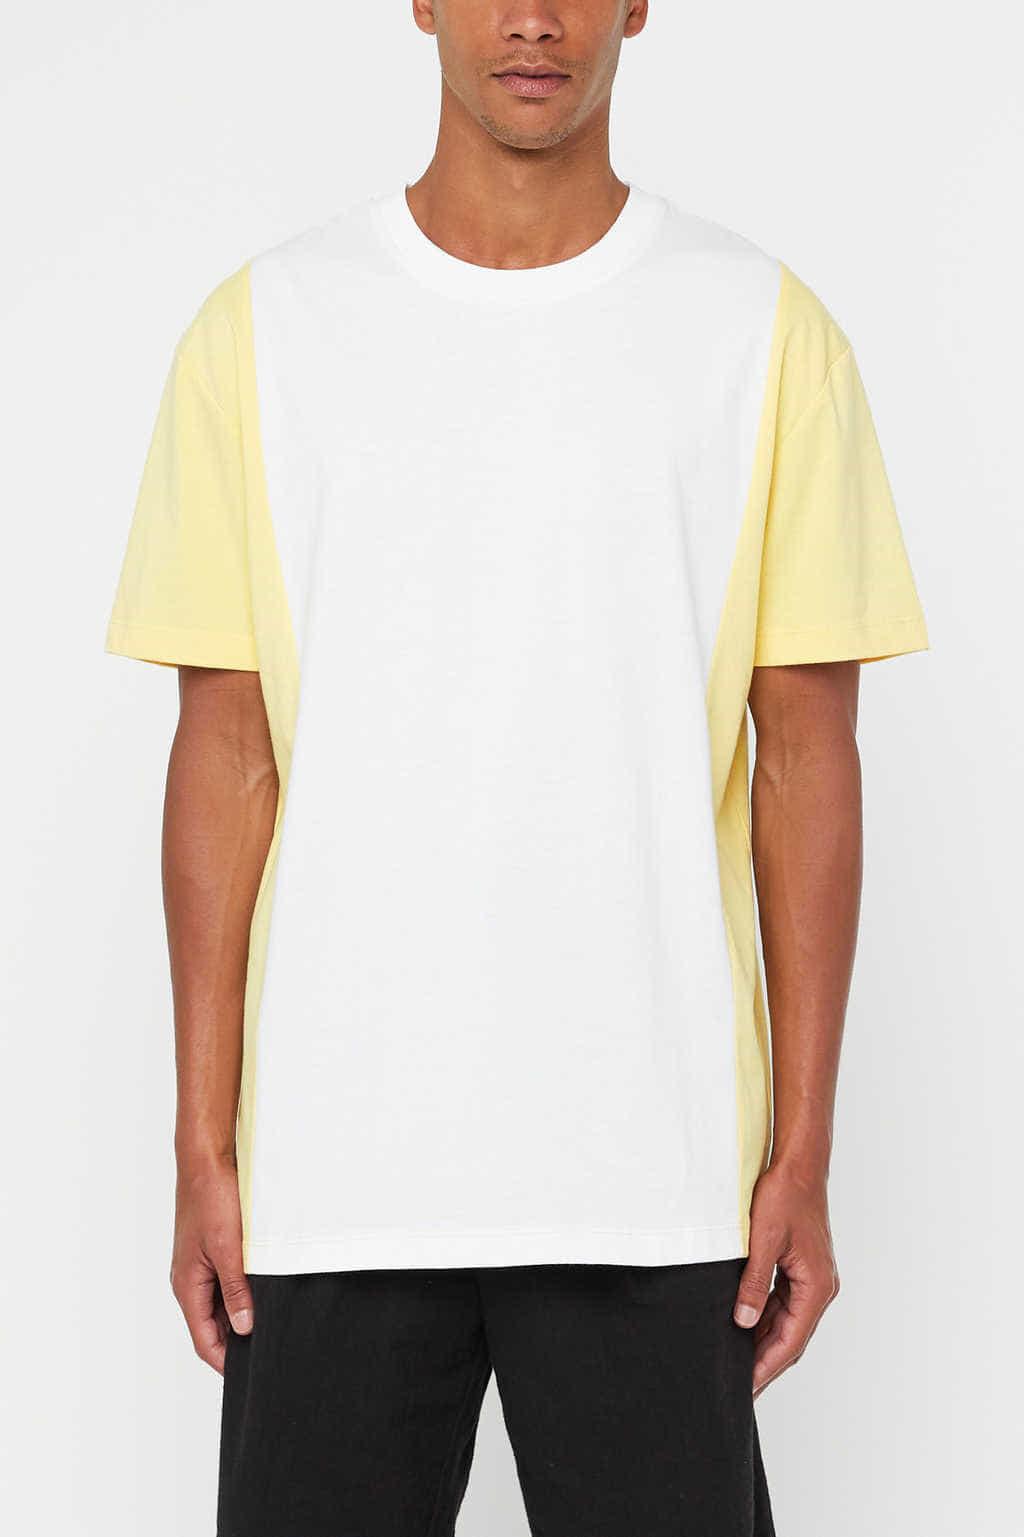 TShirt 3660 Yellow 10